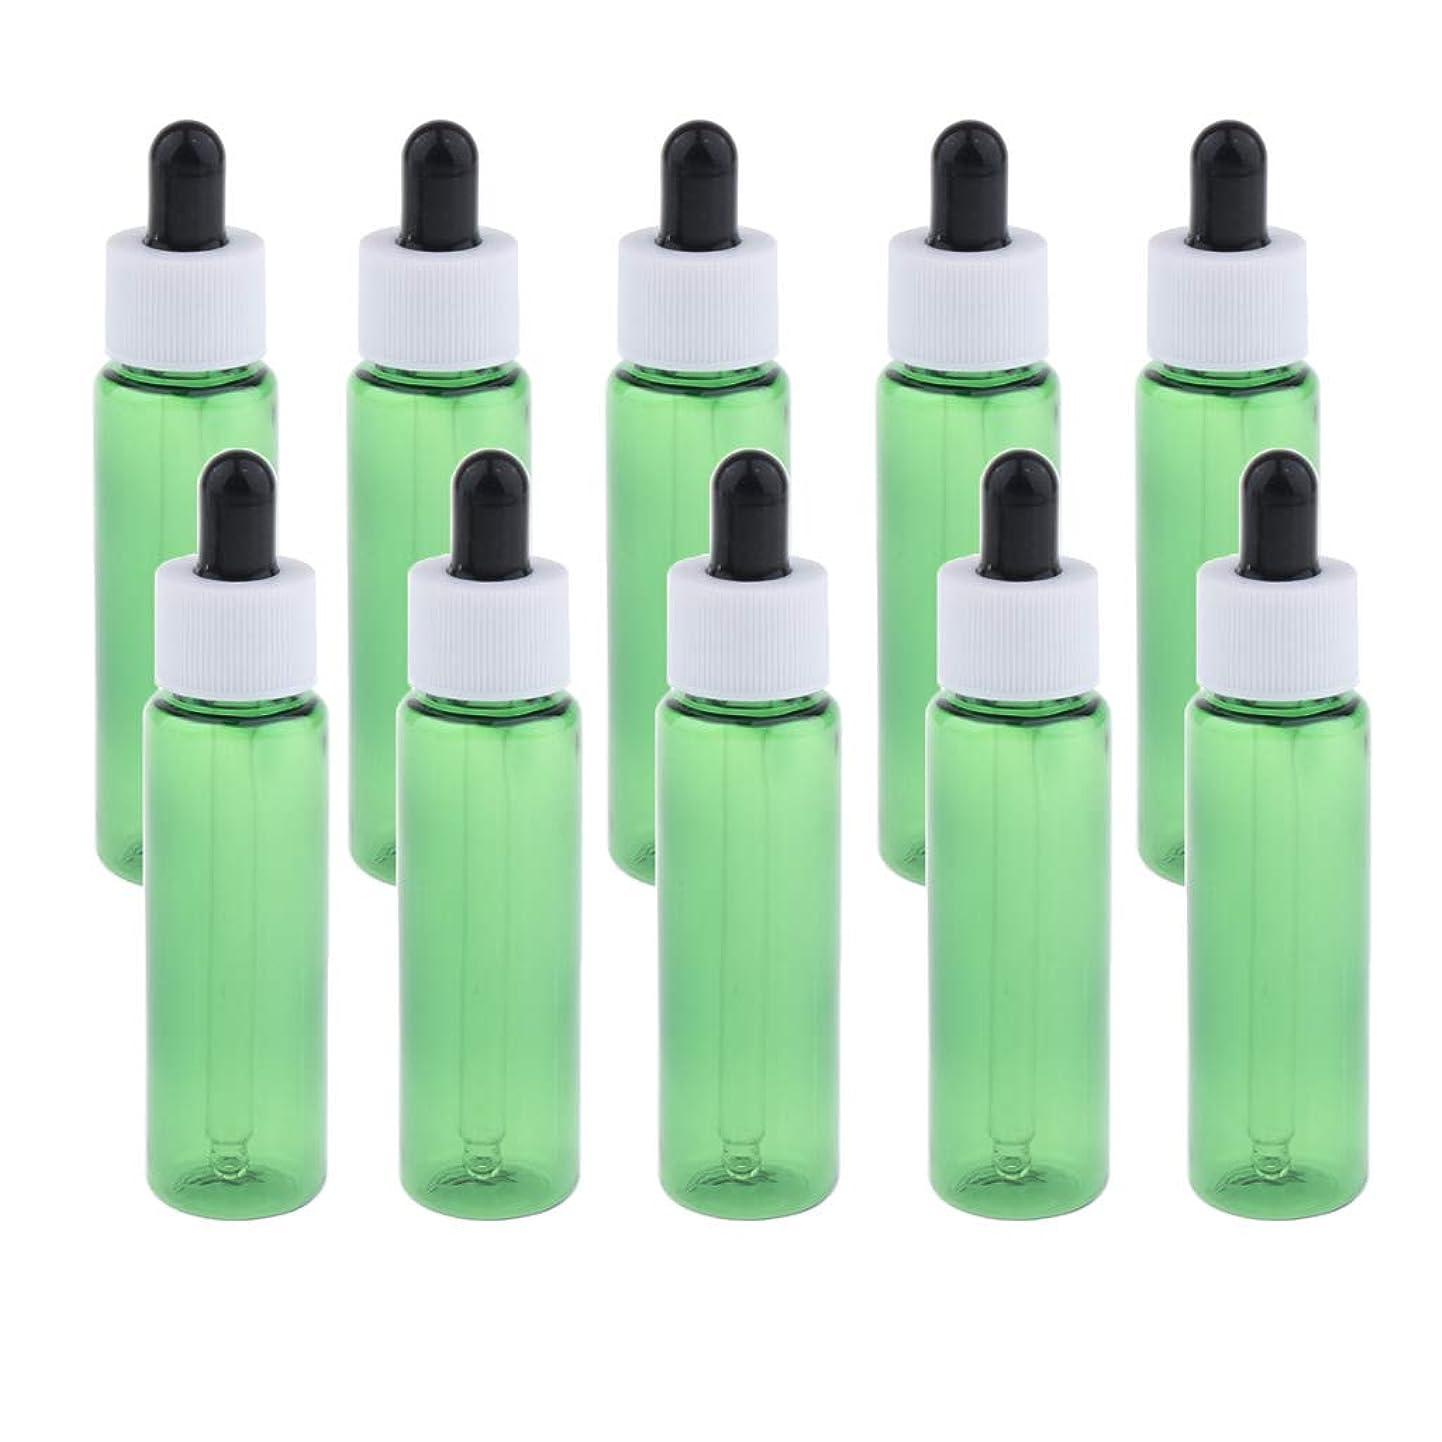 野な活気づけるファウルsharprepublic 30ml スポイトボトル 香水瓶 詰替え容器 エッセンシャルオイル 全4色 約10個セット - 緑